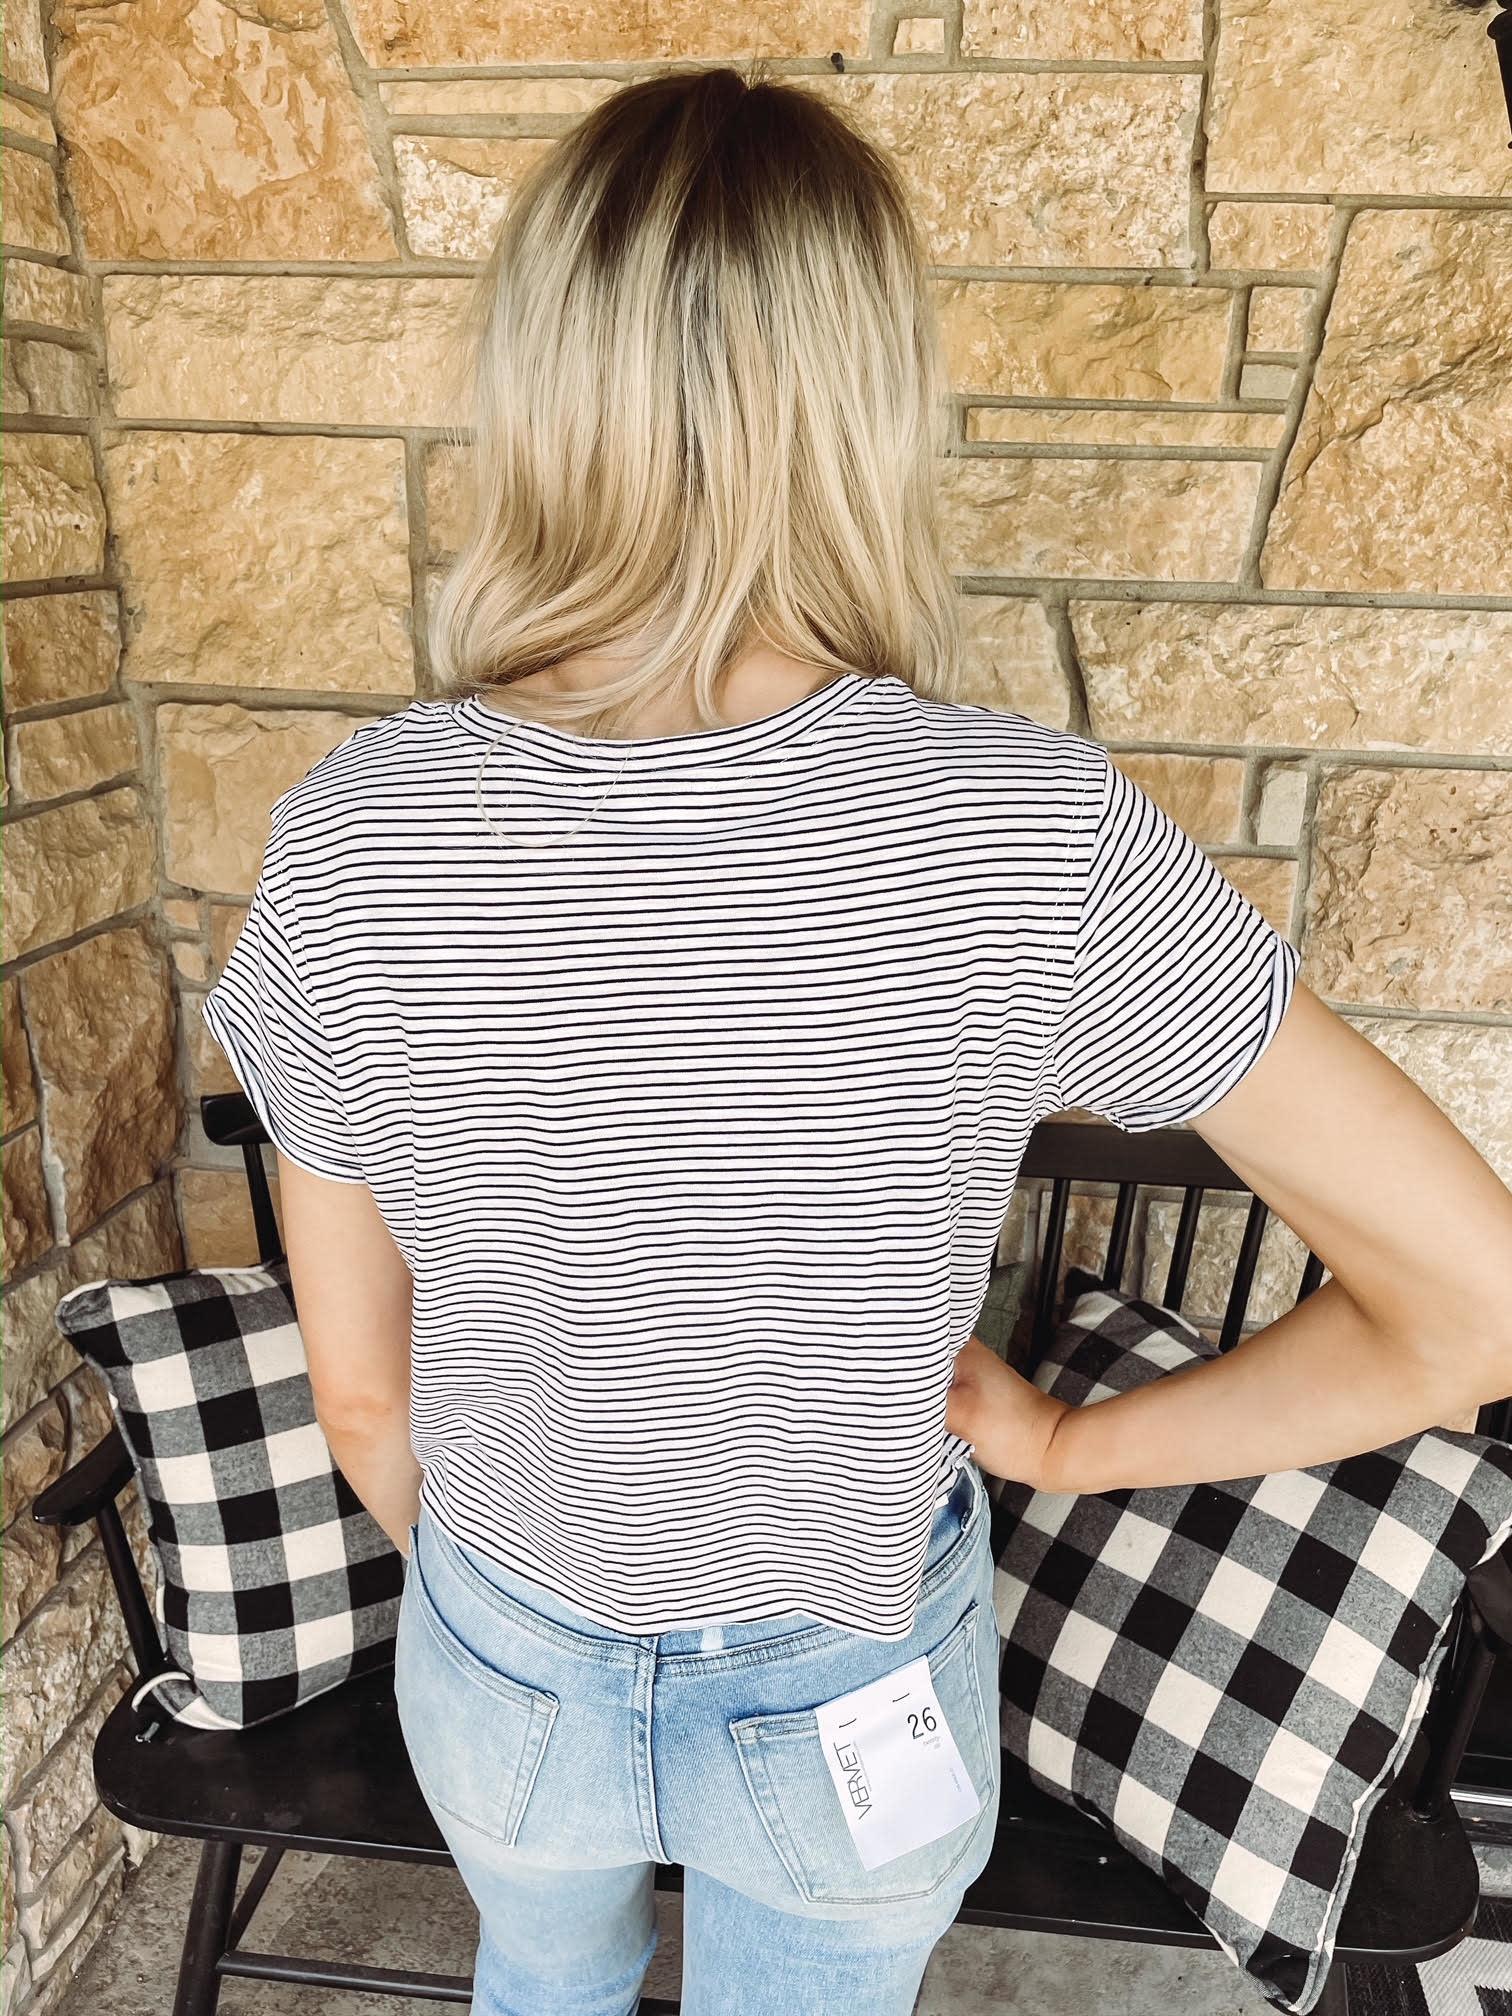 Nikki Striped Crop Top